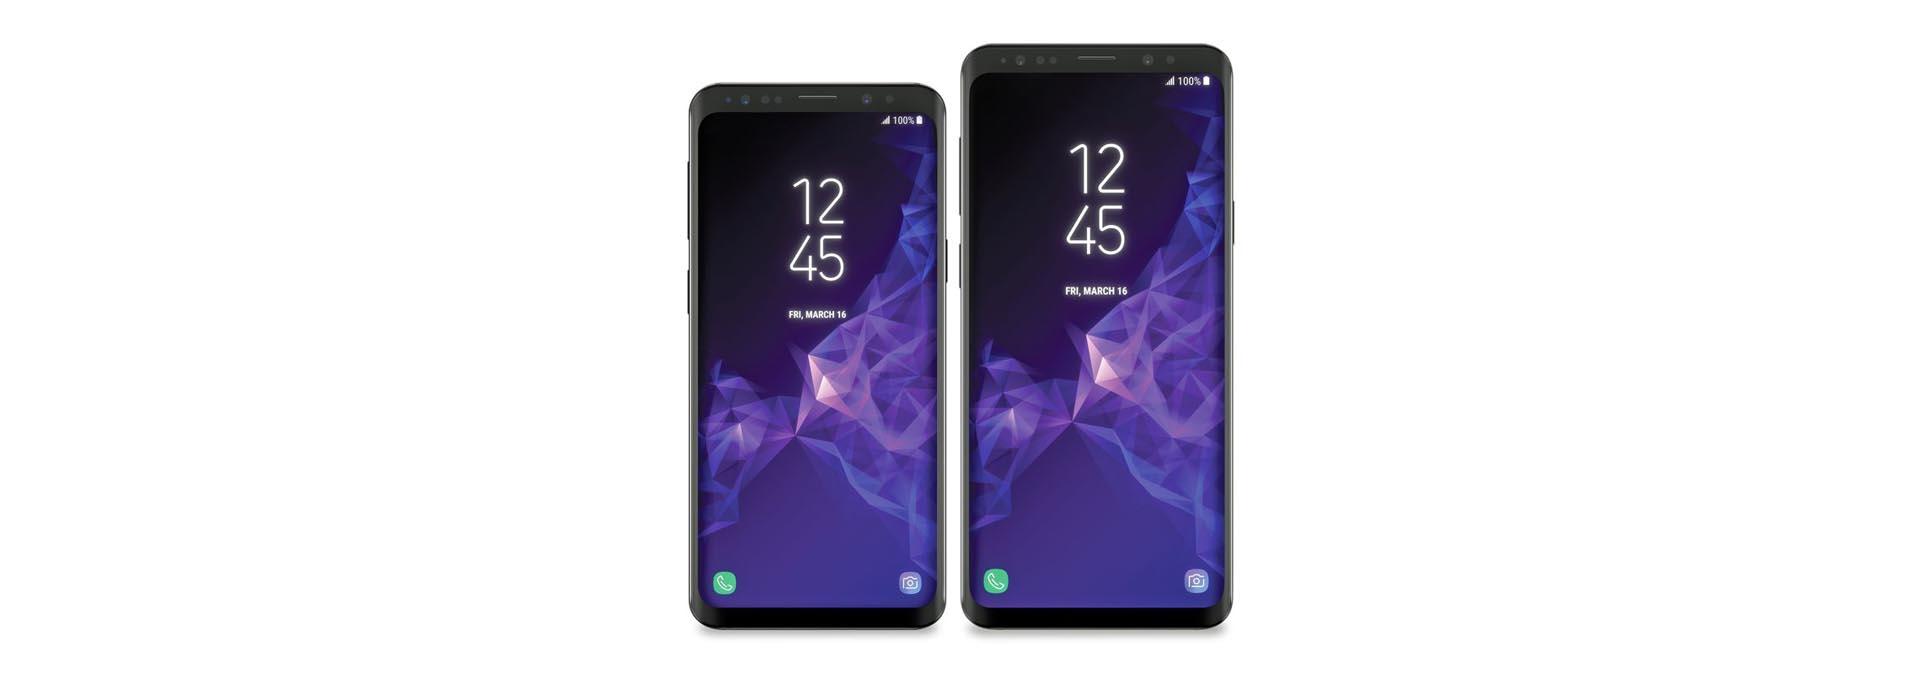 Samsung Galaxy S9 e S9 Plus: prezzo, data di uscita e novità